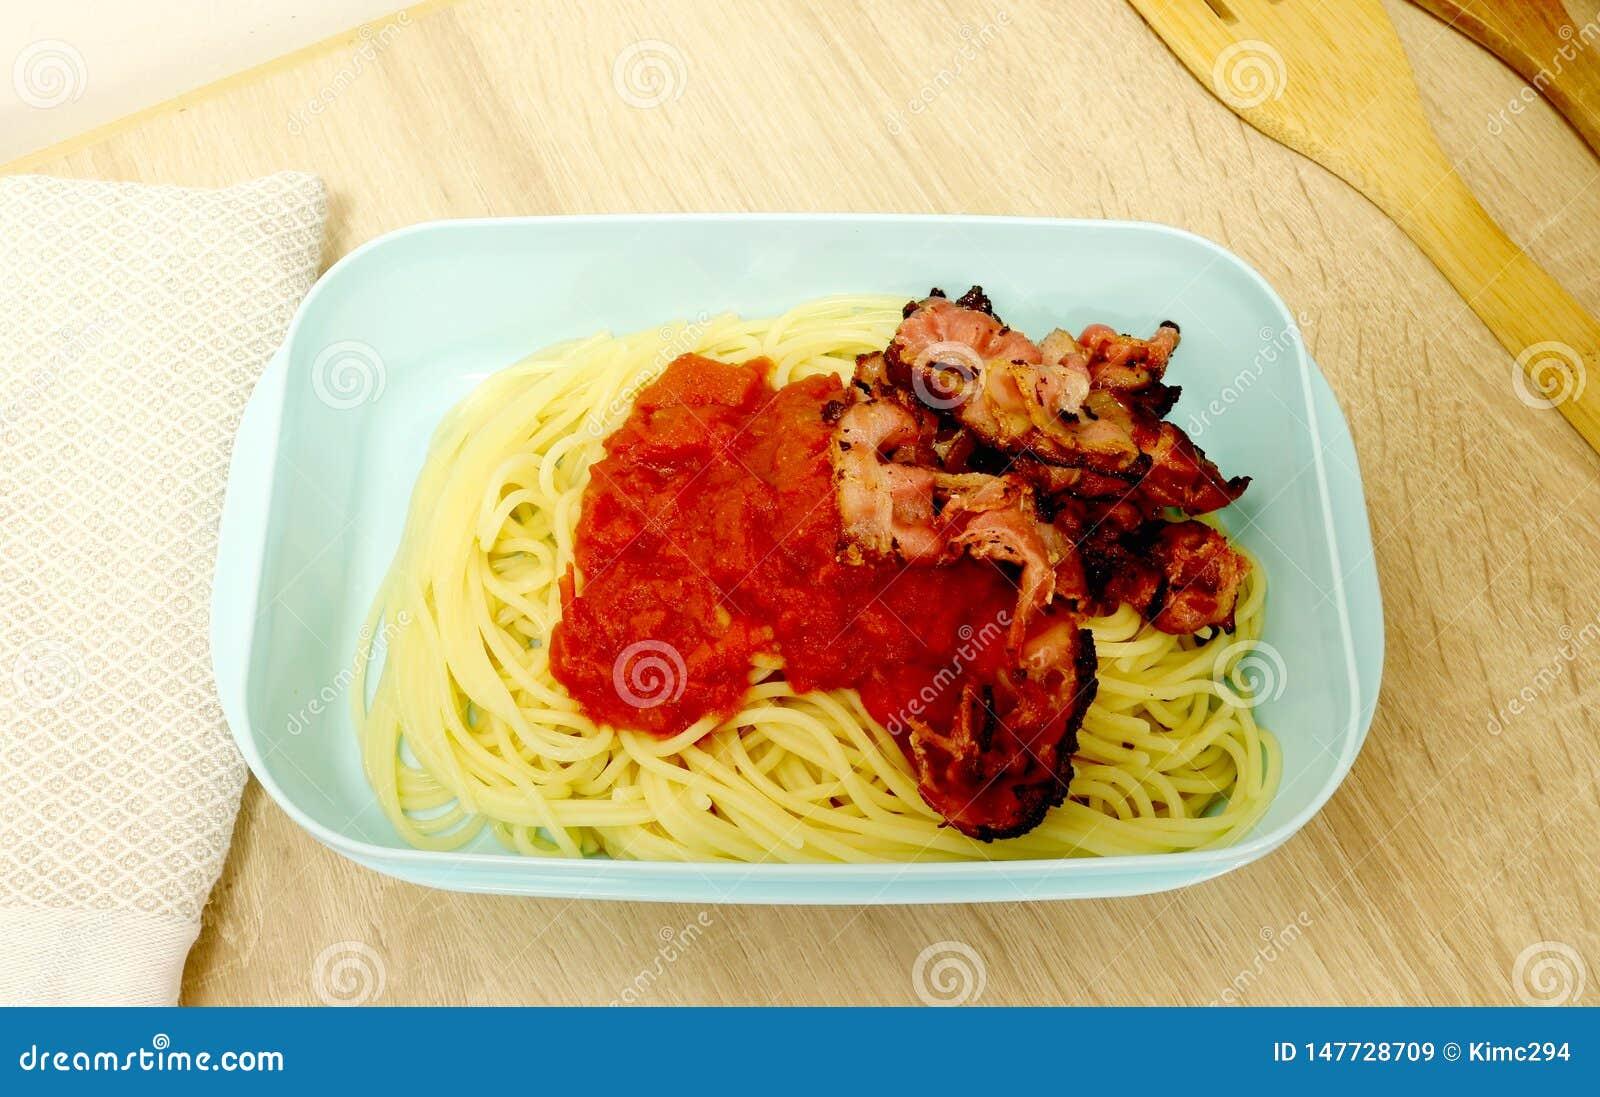 塑料食盒包装与意粉、西红柿酱和烟肉